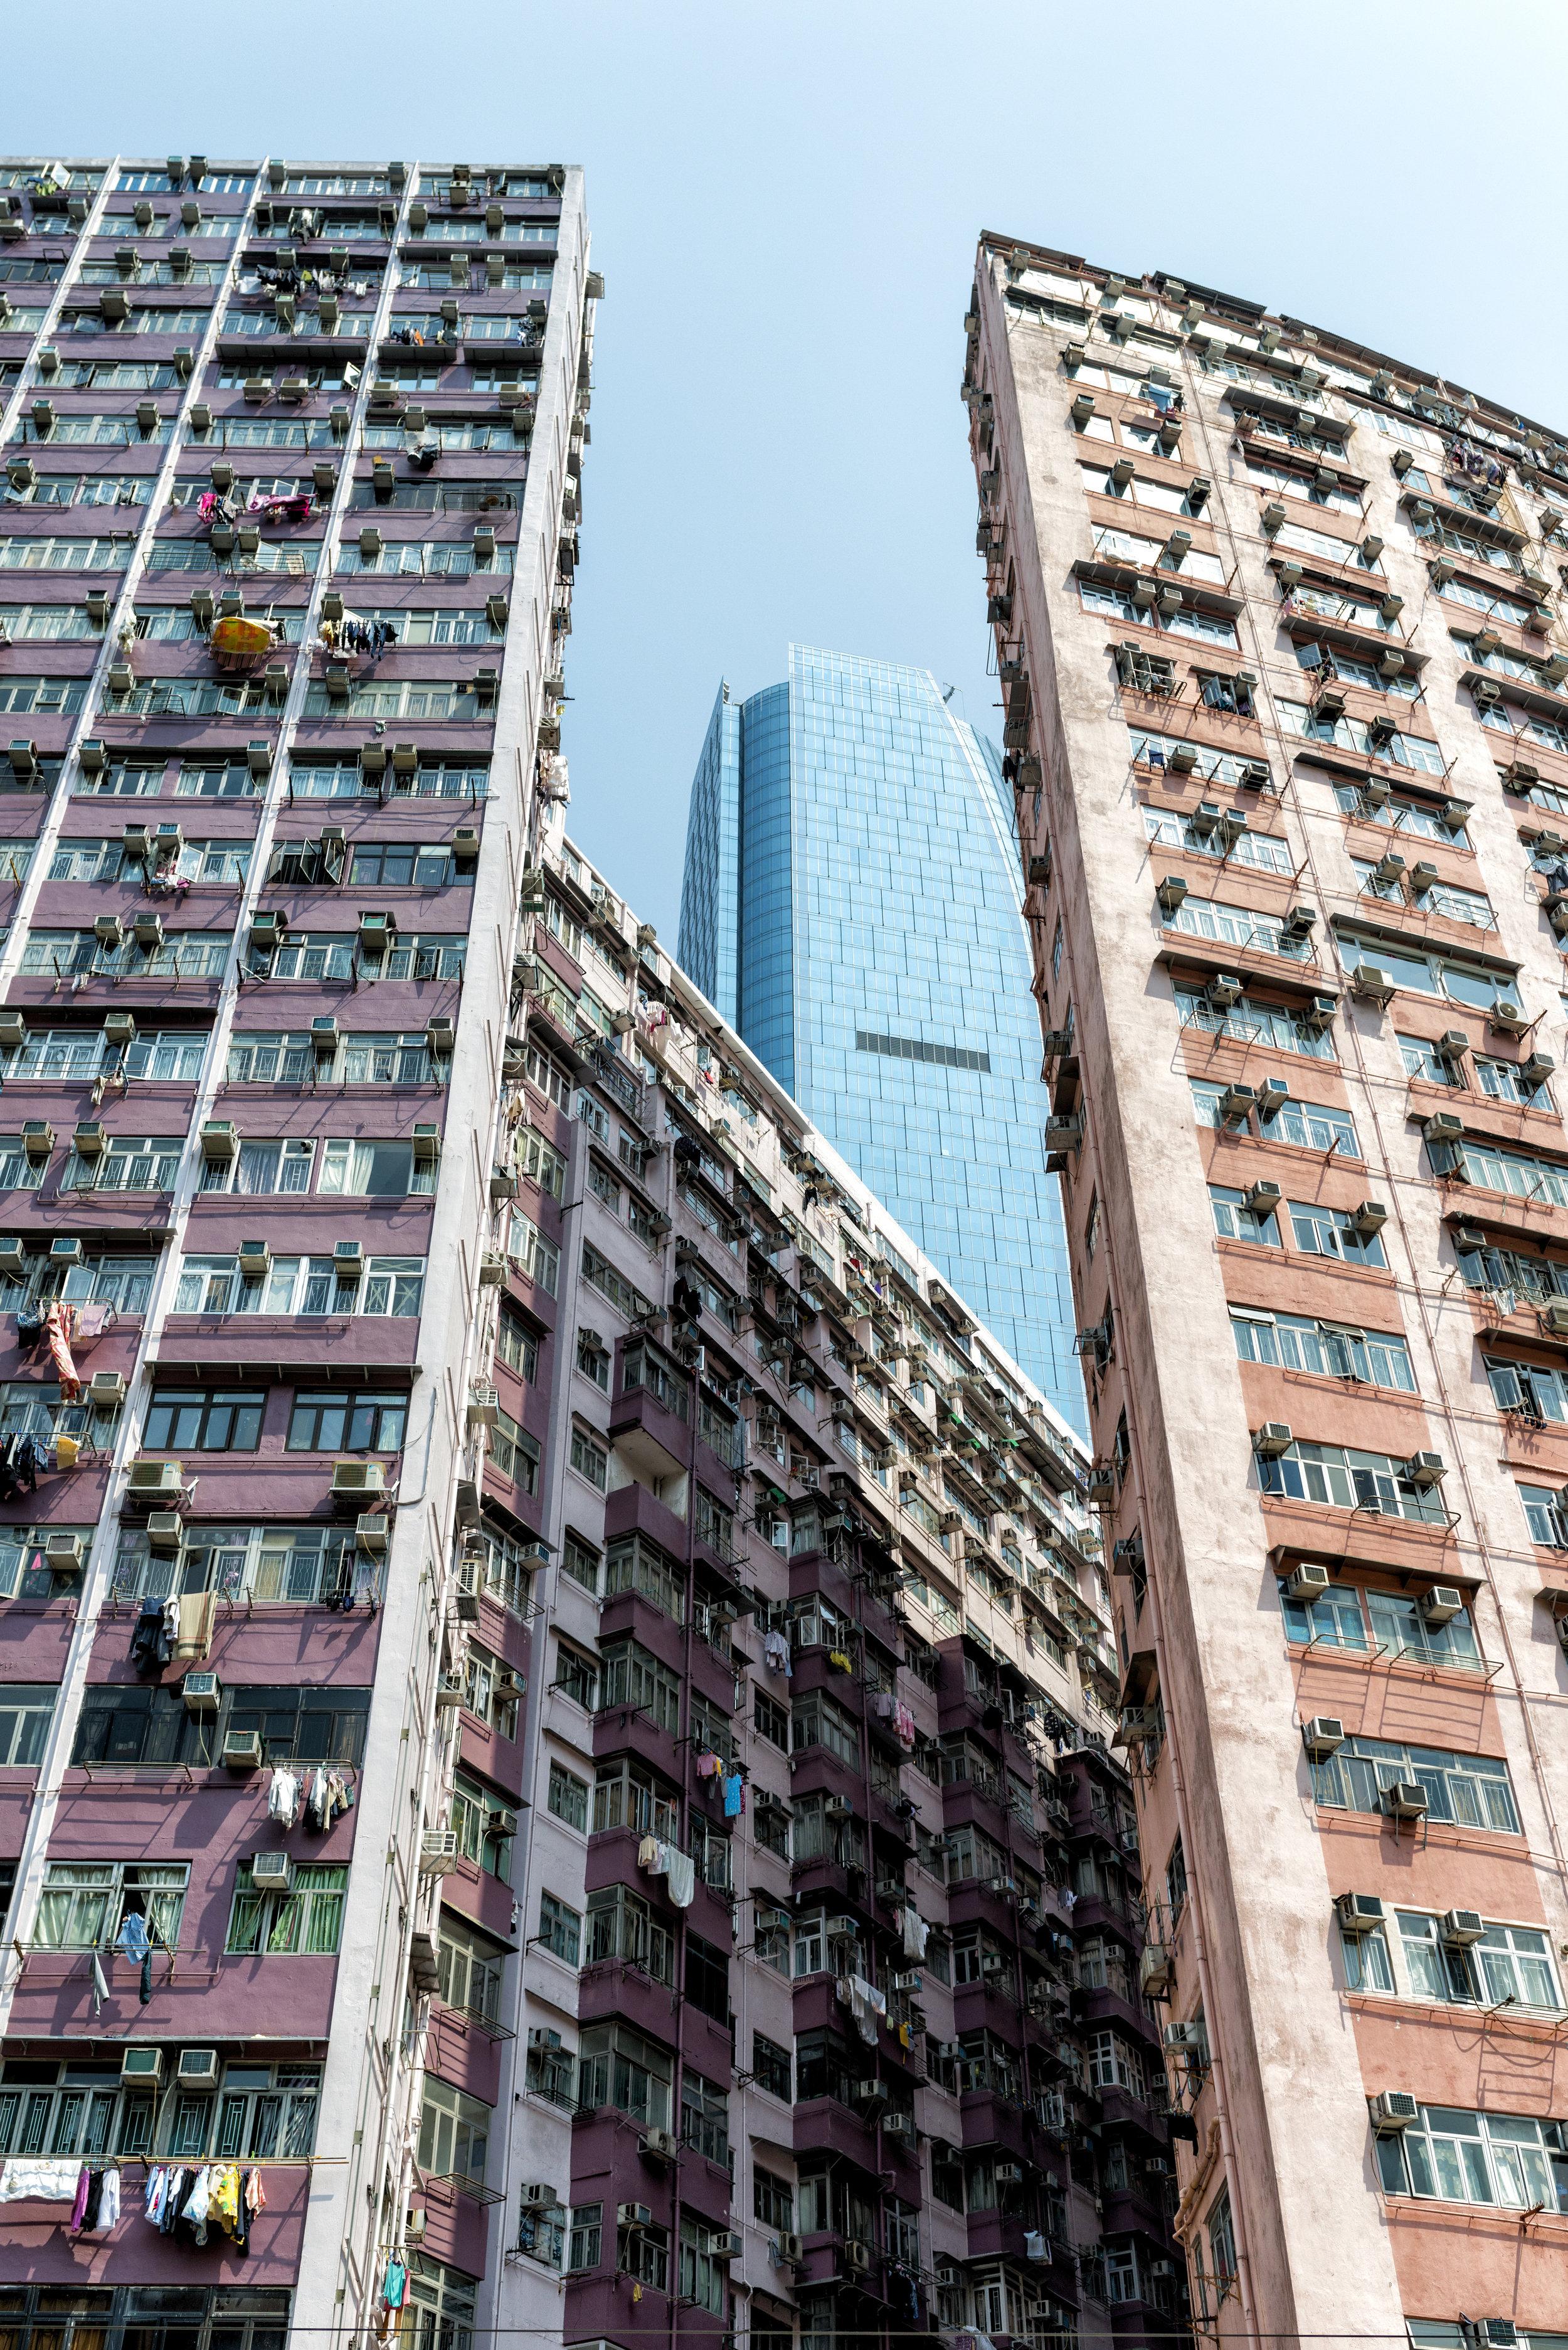 hk building.jpg